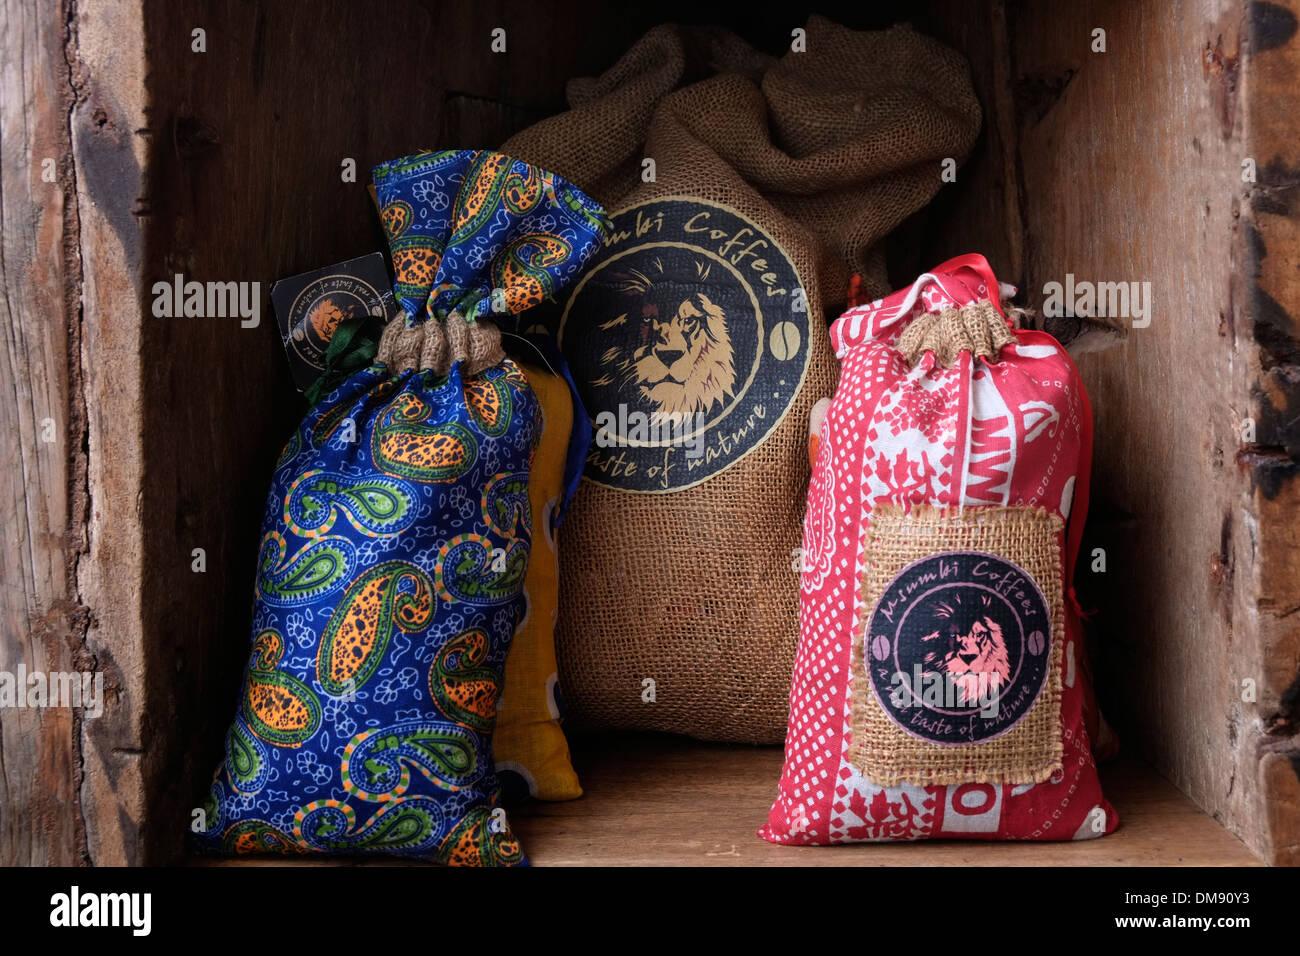 9962efab5 Los sacos de café en el norte de Tanzania, África Oriental Foto ...